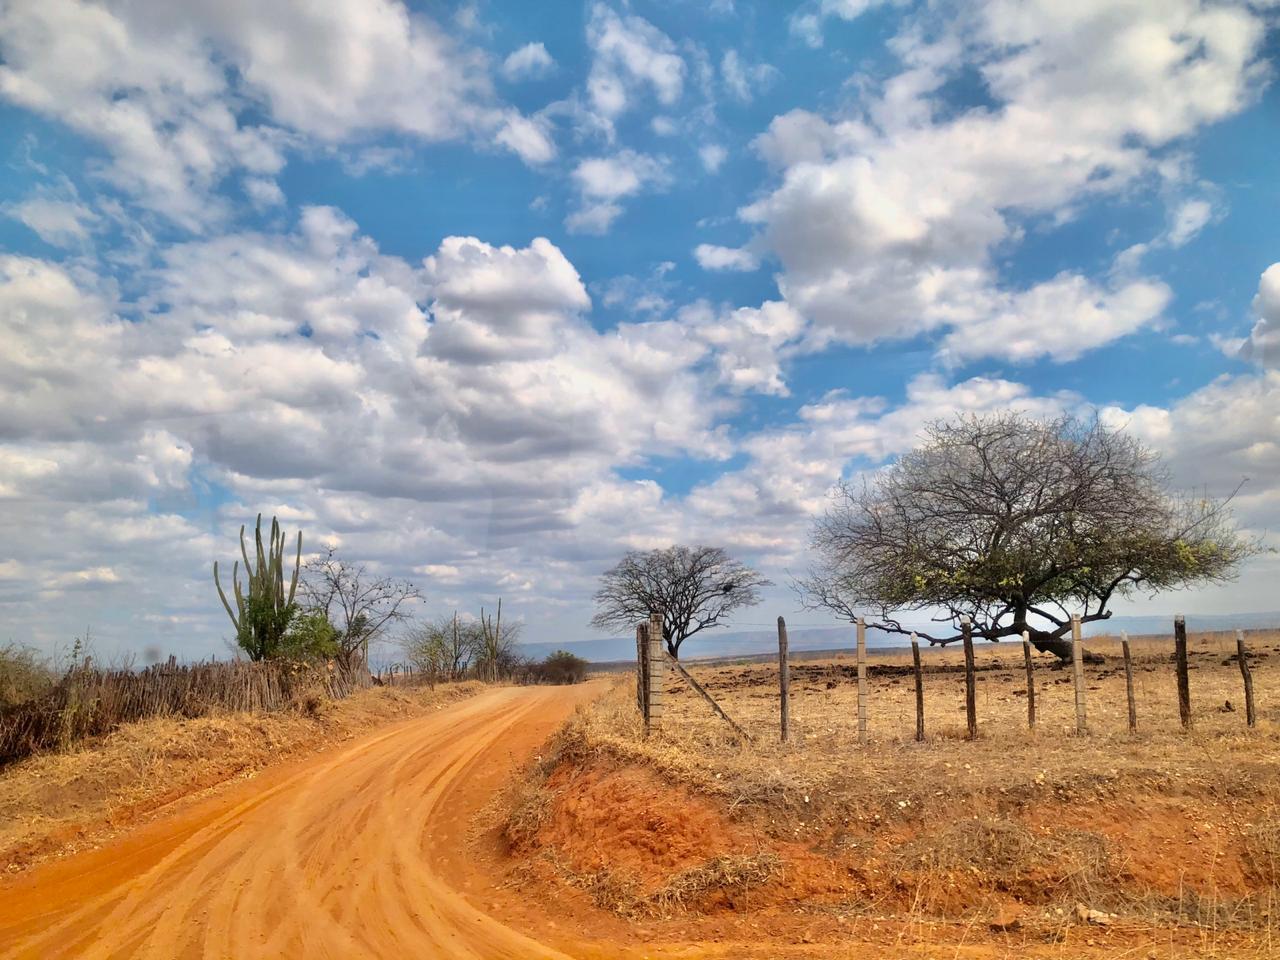 Condições de tempo reforçam tendência de céu mais claro (FOTO: Marciel Bezerra)